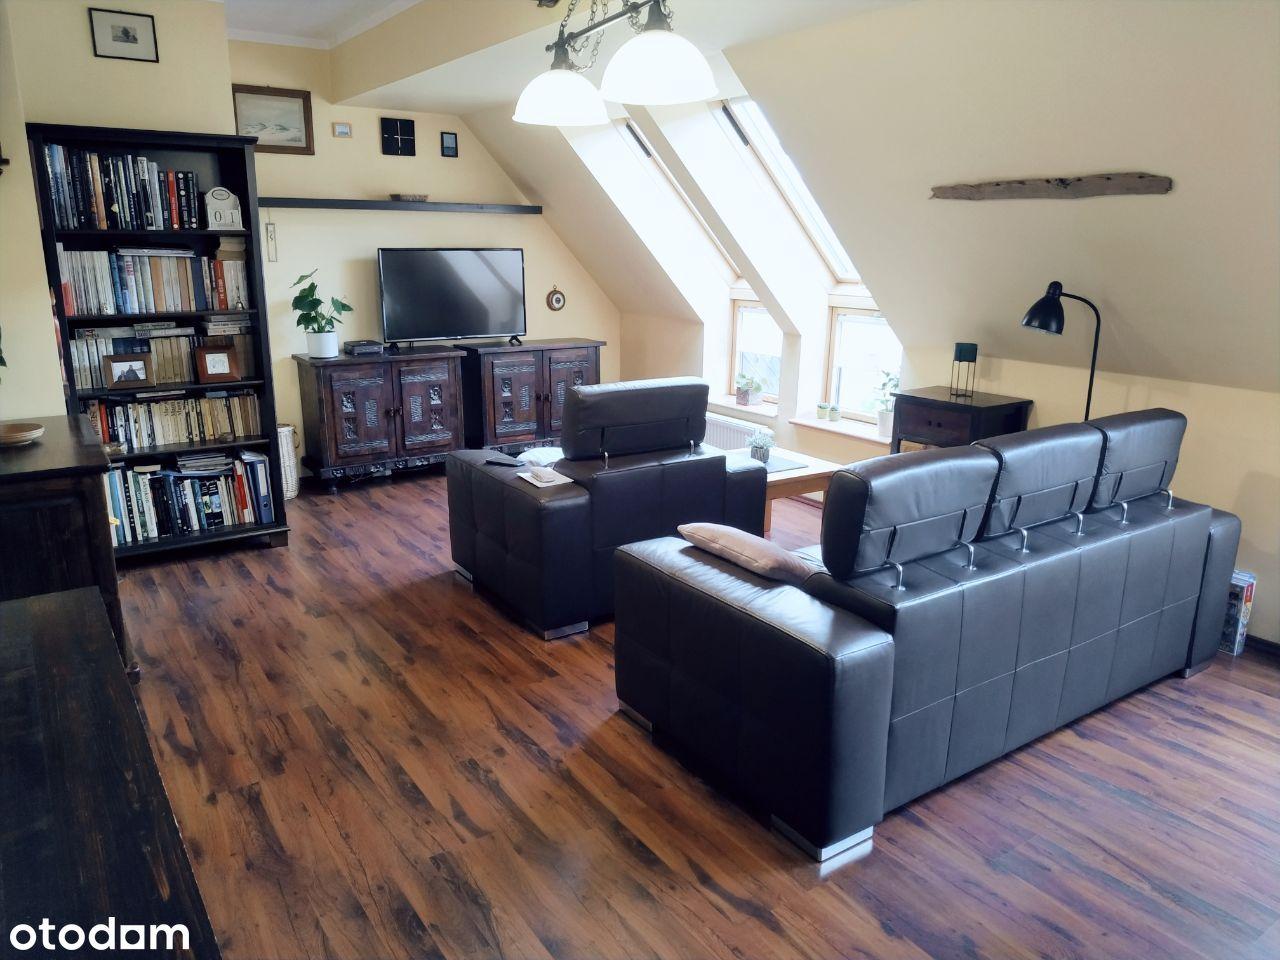 Mieszkanie 3 pok. dwupoziomowe Bukowo Glinki 74,5m